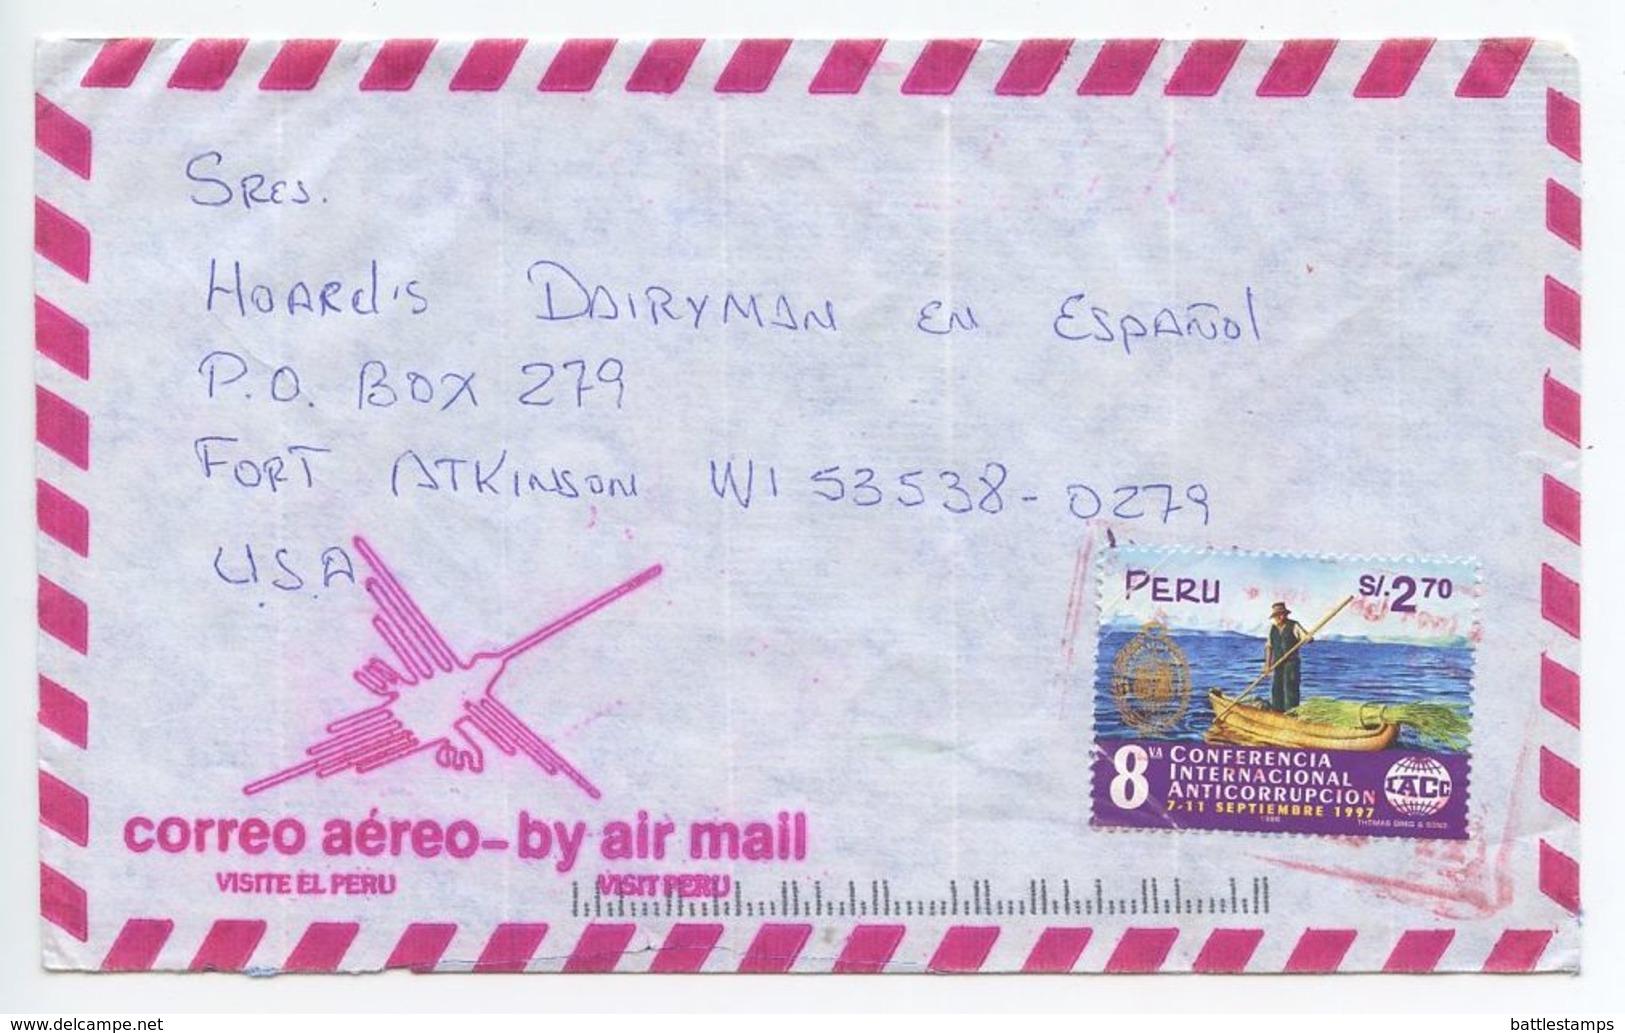 Peru 1990's Airmail Cover Paucarpata, Arequipa To Fort Atkinson Wisconsin, Scott 1155 - Peru